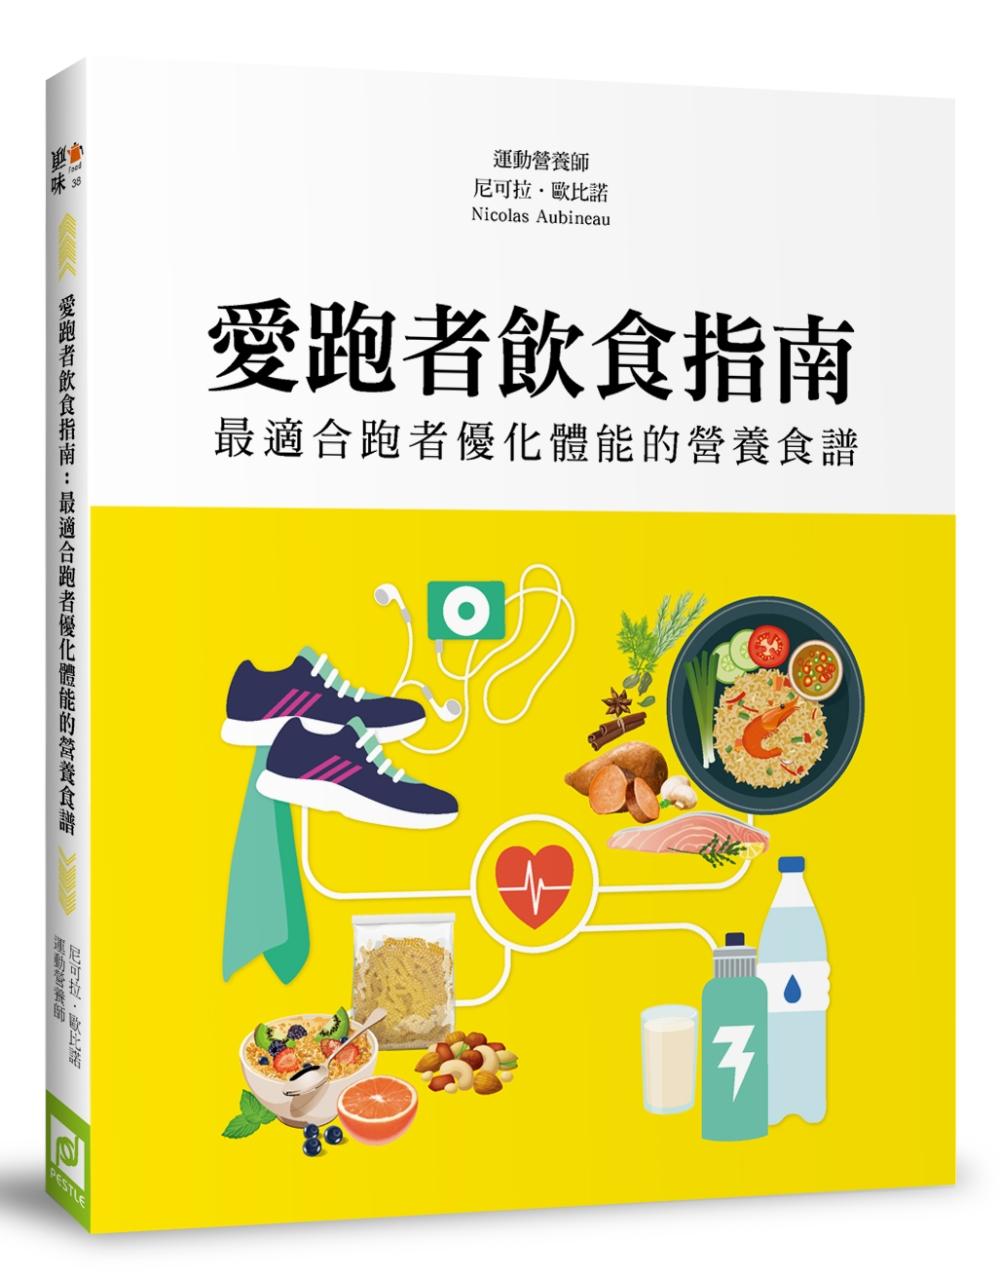 愛跑者飲食指南:最適合跑者優化體能的營養食譜